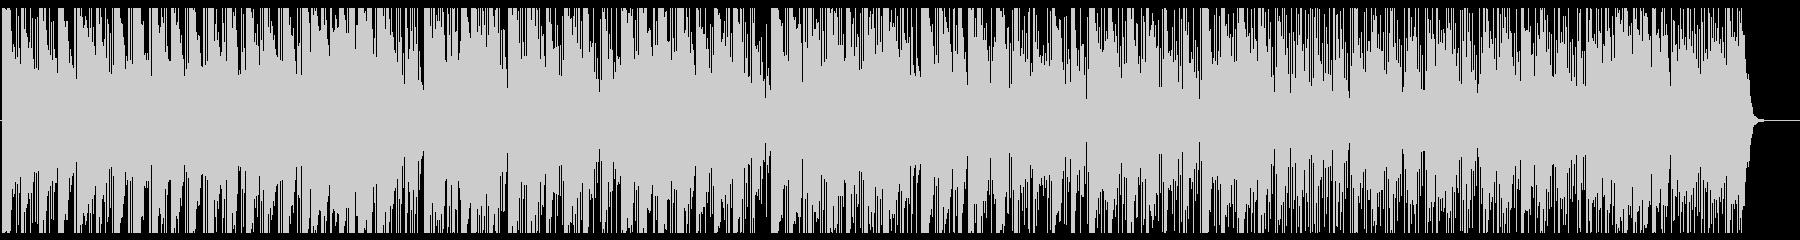 マレット音とシンセのゆったりポップスの未再生の波形